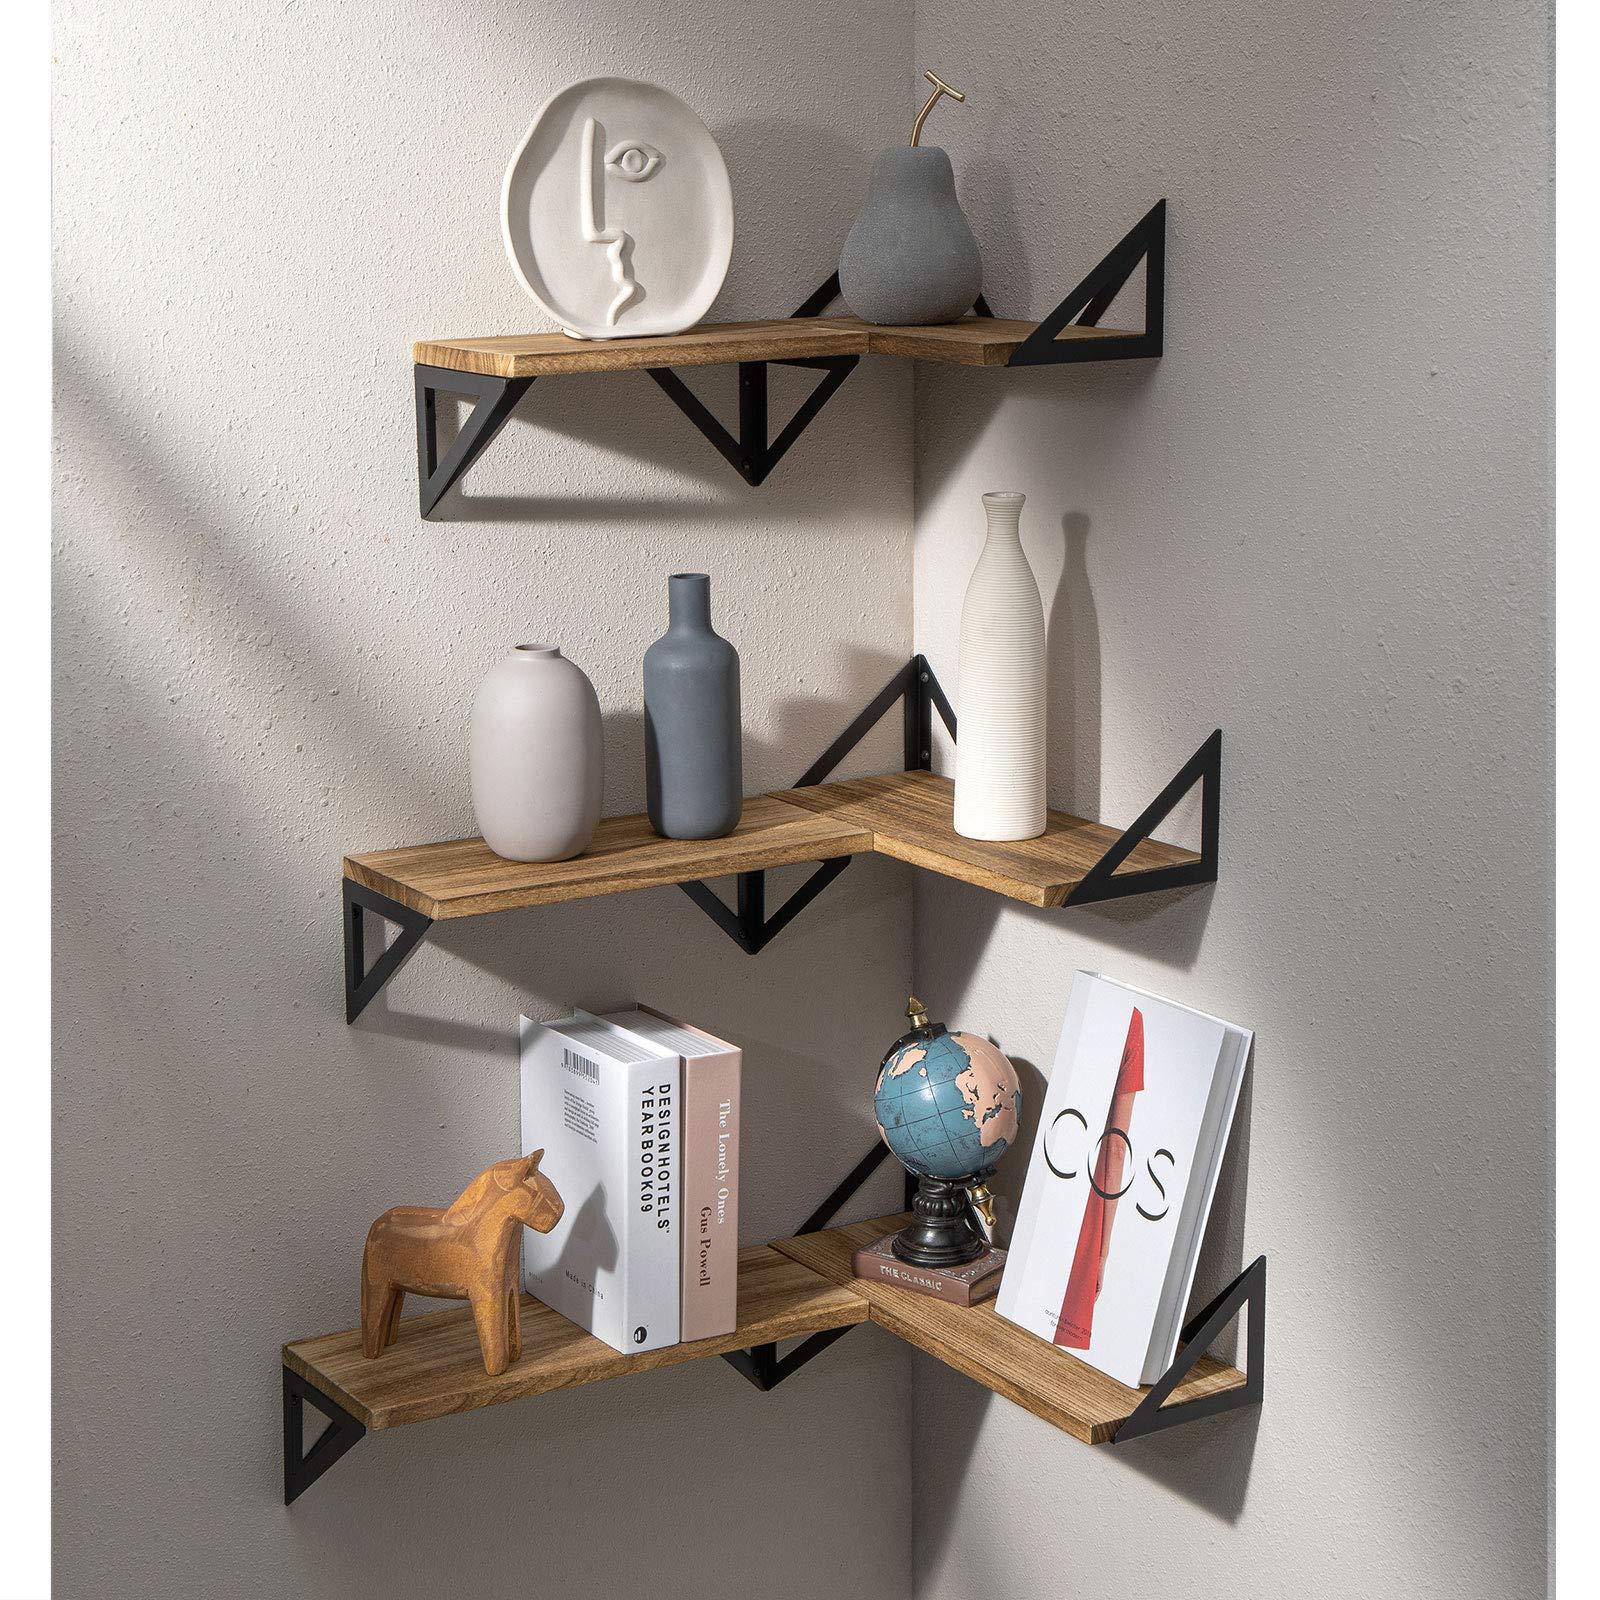 9x Large geflammtes//Singed Shelf Fruit Crate Shoe Shelf Wall Shelf holzkist 3x